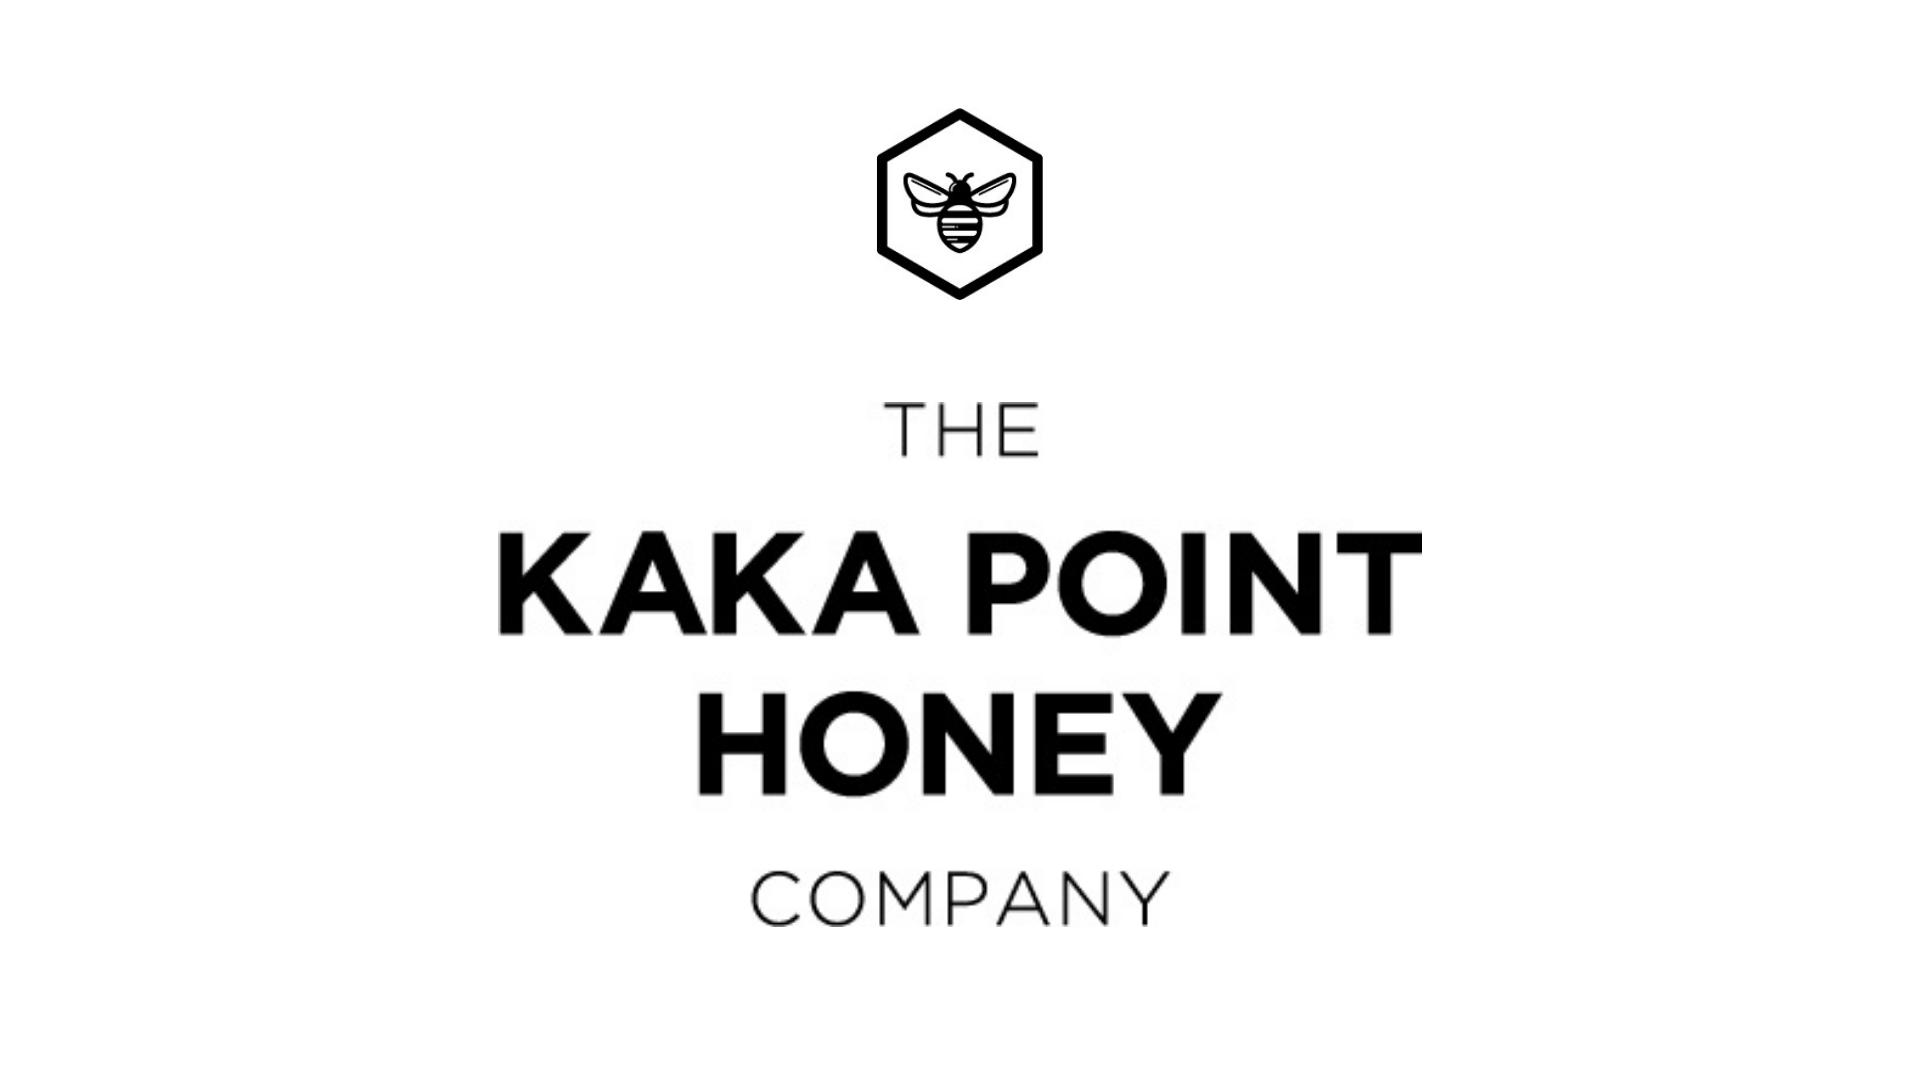 Kaka point honey co